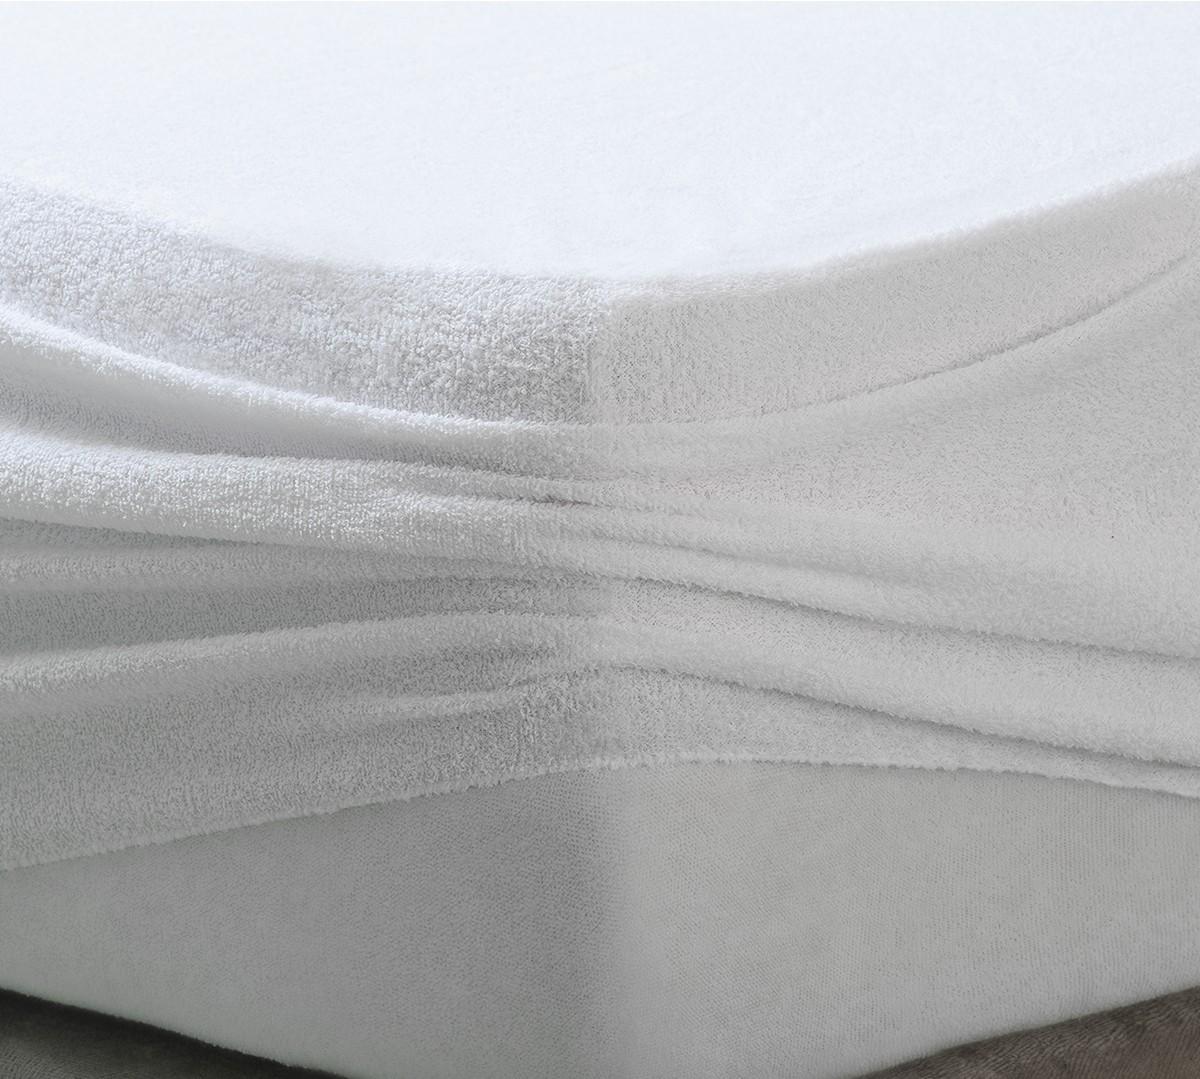 Protector de Colchón Rizo Impermeable y Transpirable - Protectores de colchón